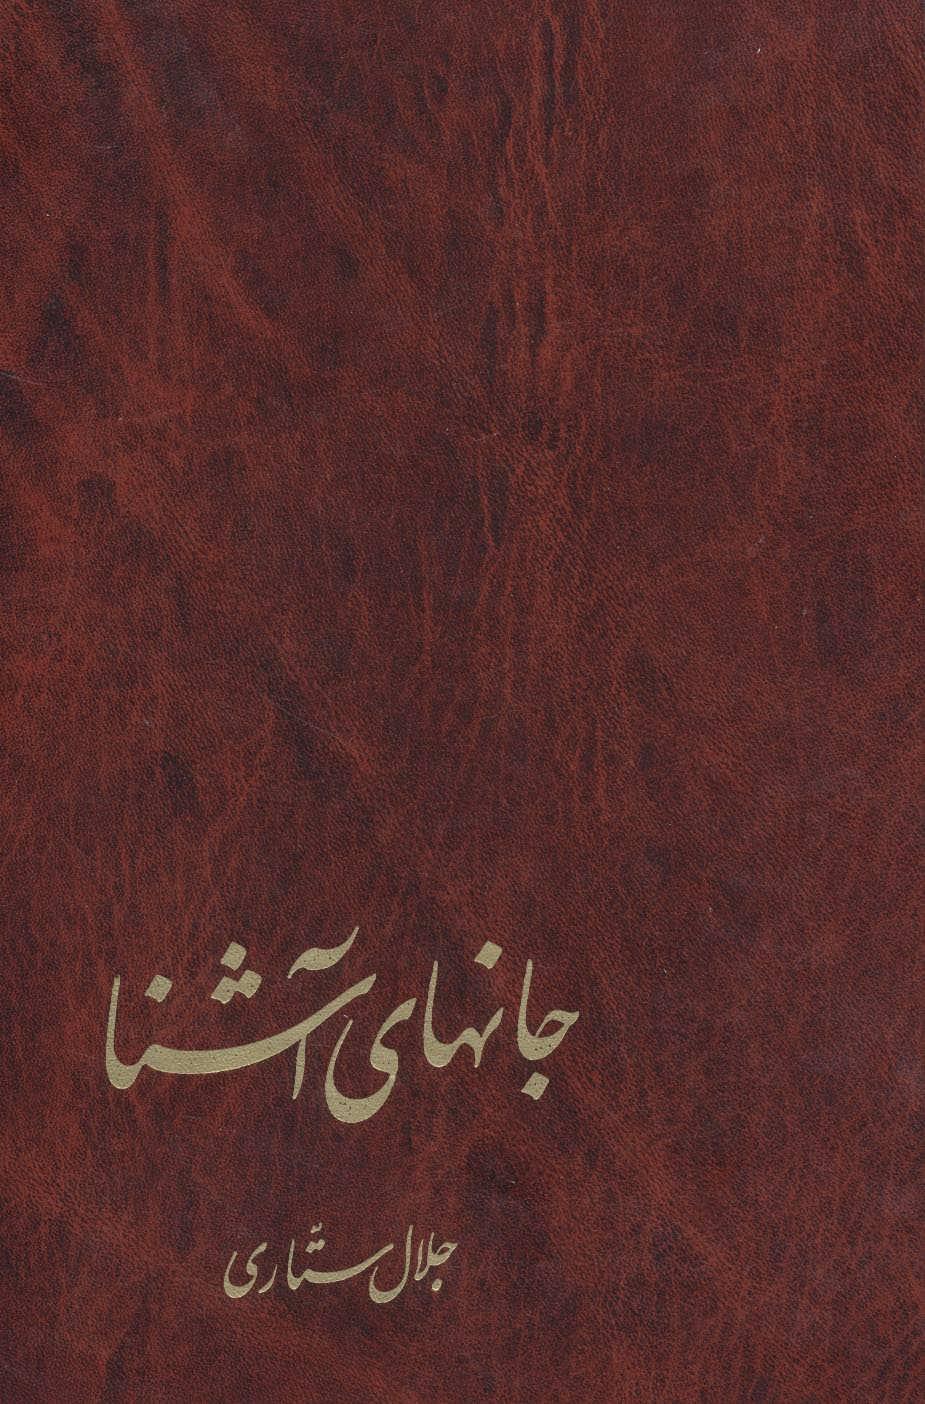 کتاب جانهای آشنا